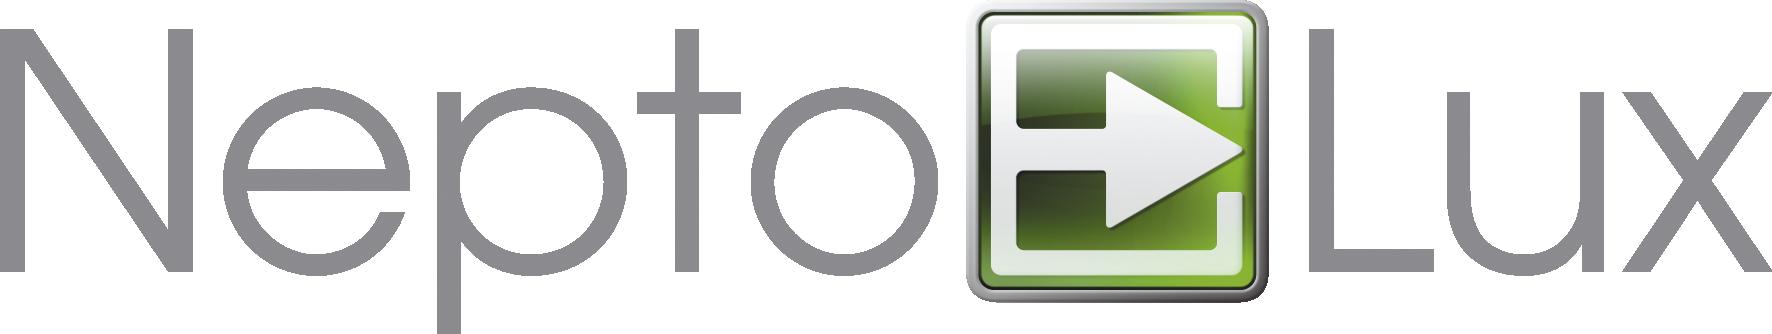 Neptolux-logo